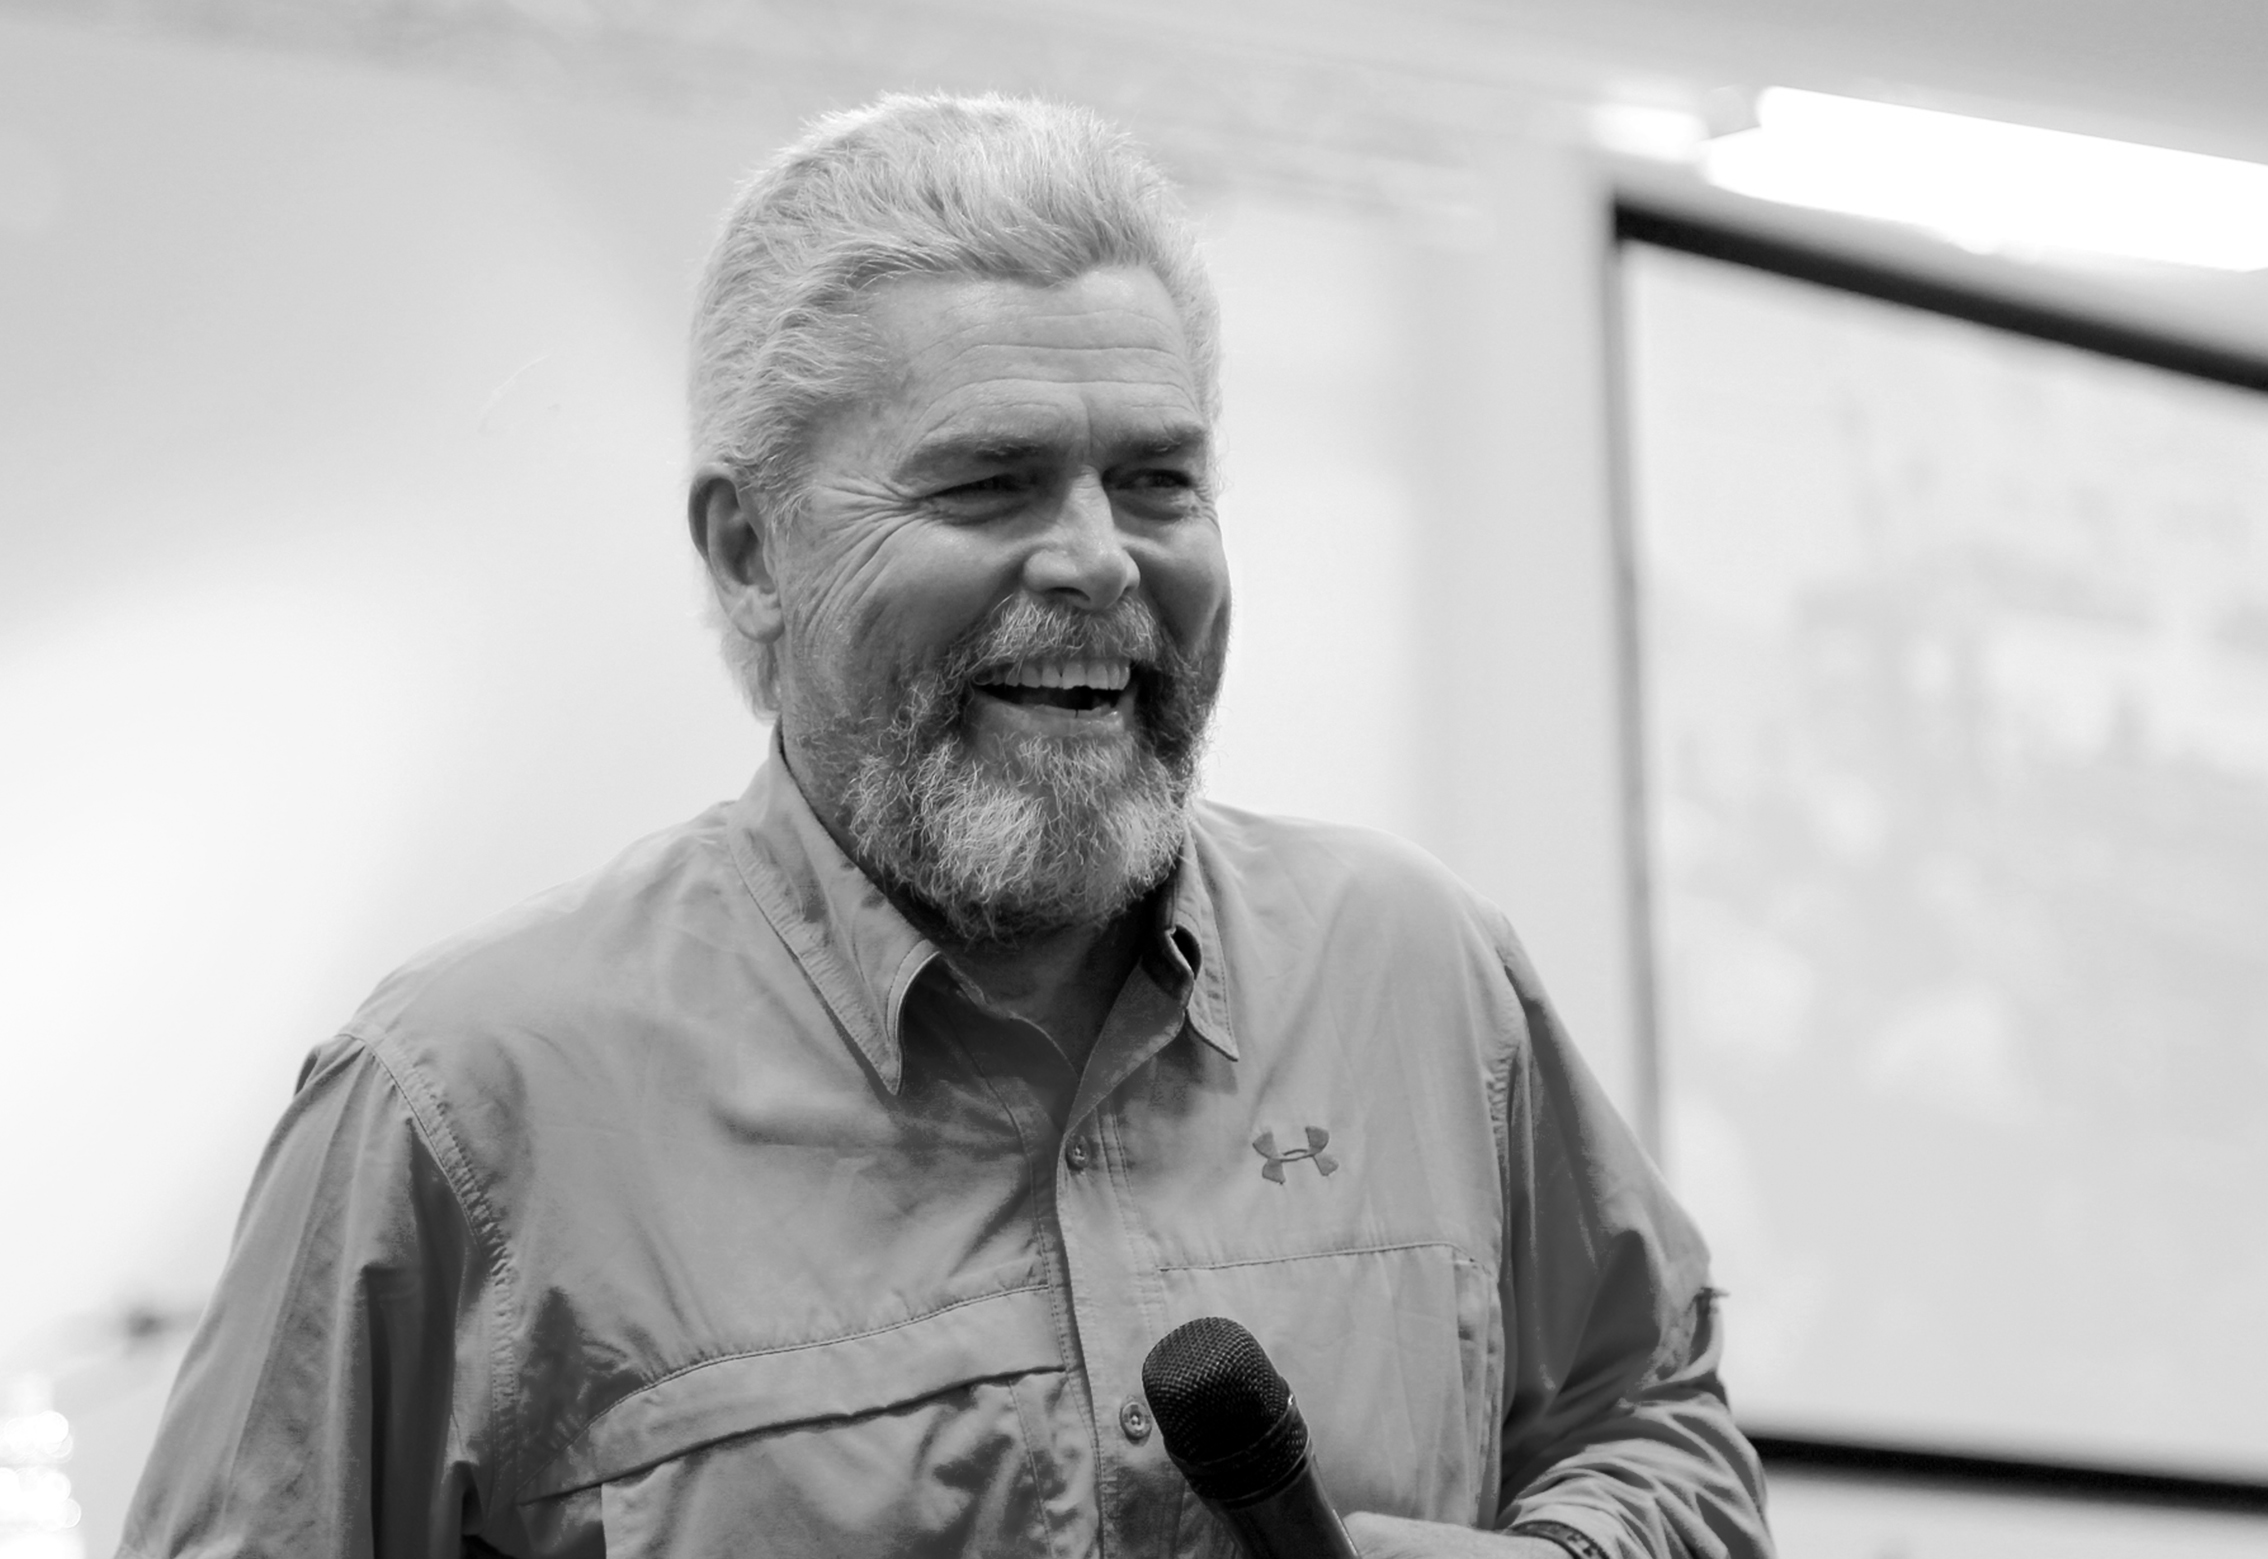 David Hogan